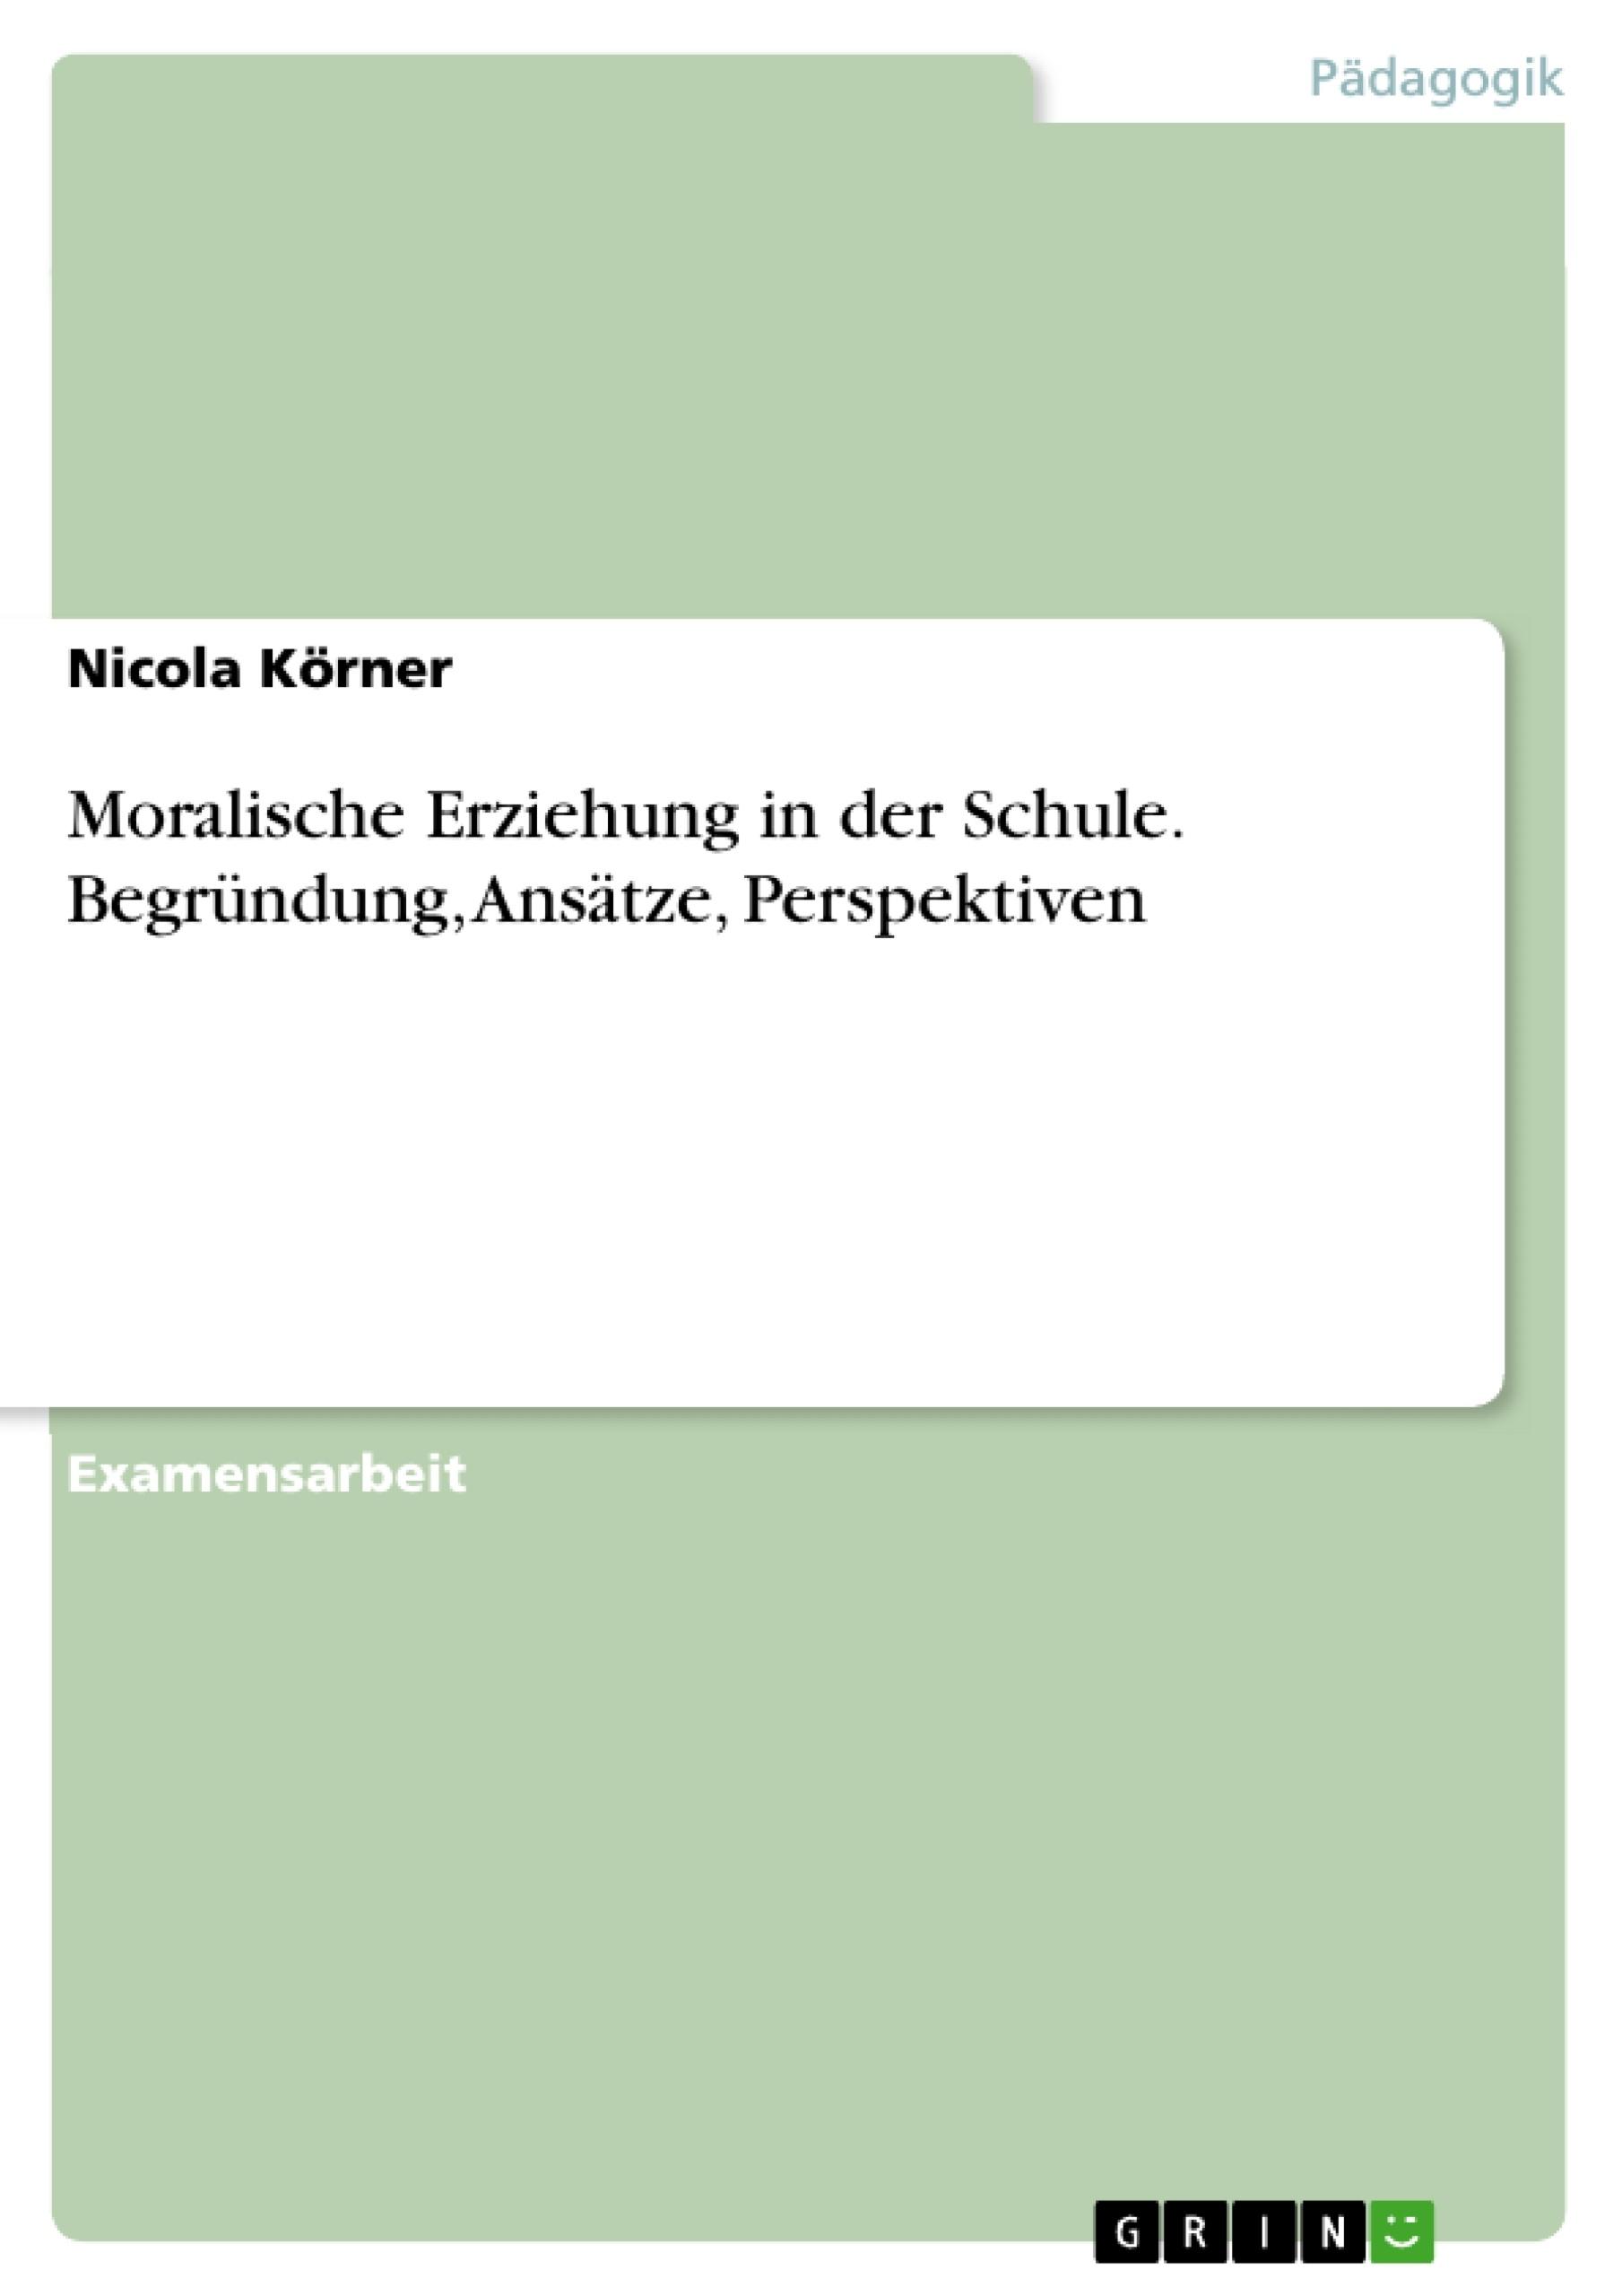 Titel: Moralische Erziehung in der Schule. Begründung, Ansätze, Perspektiven